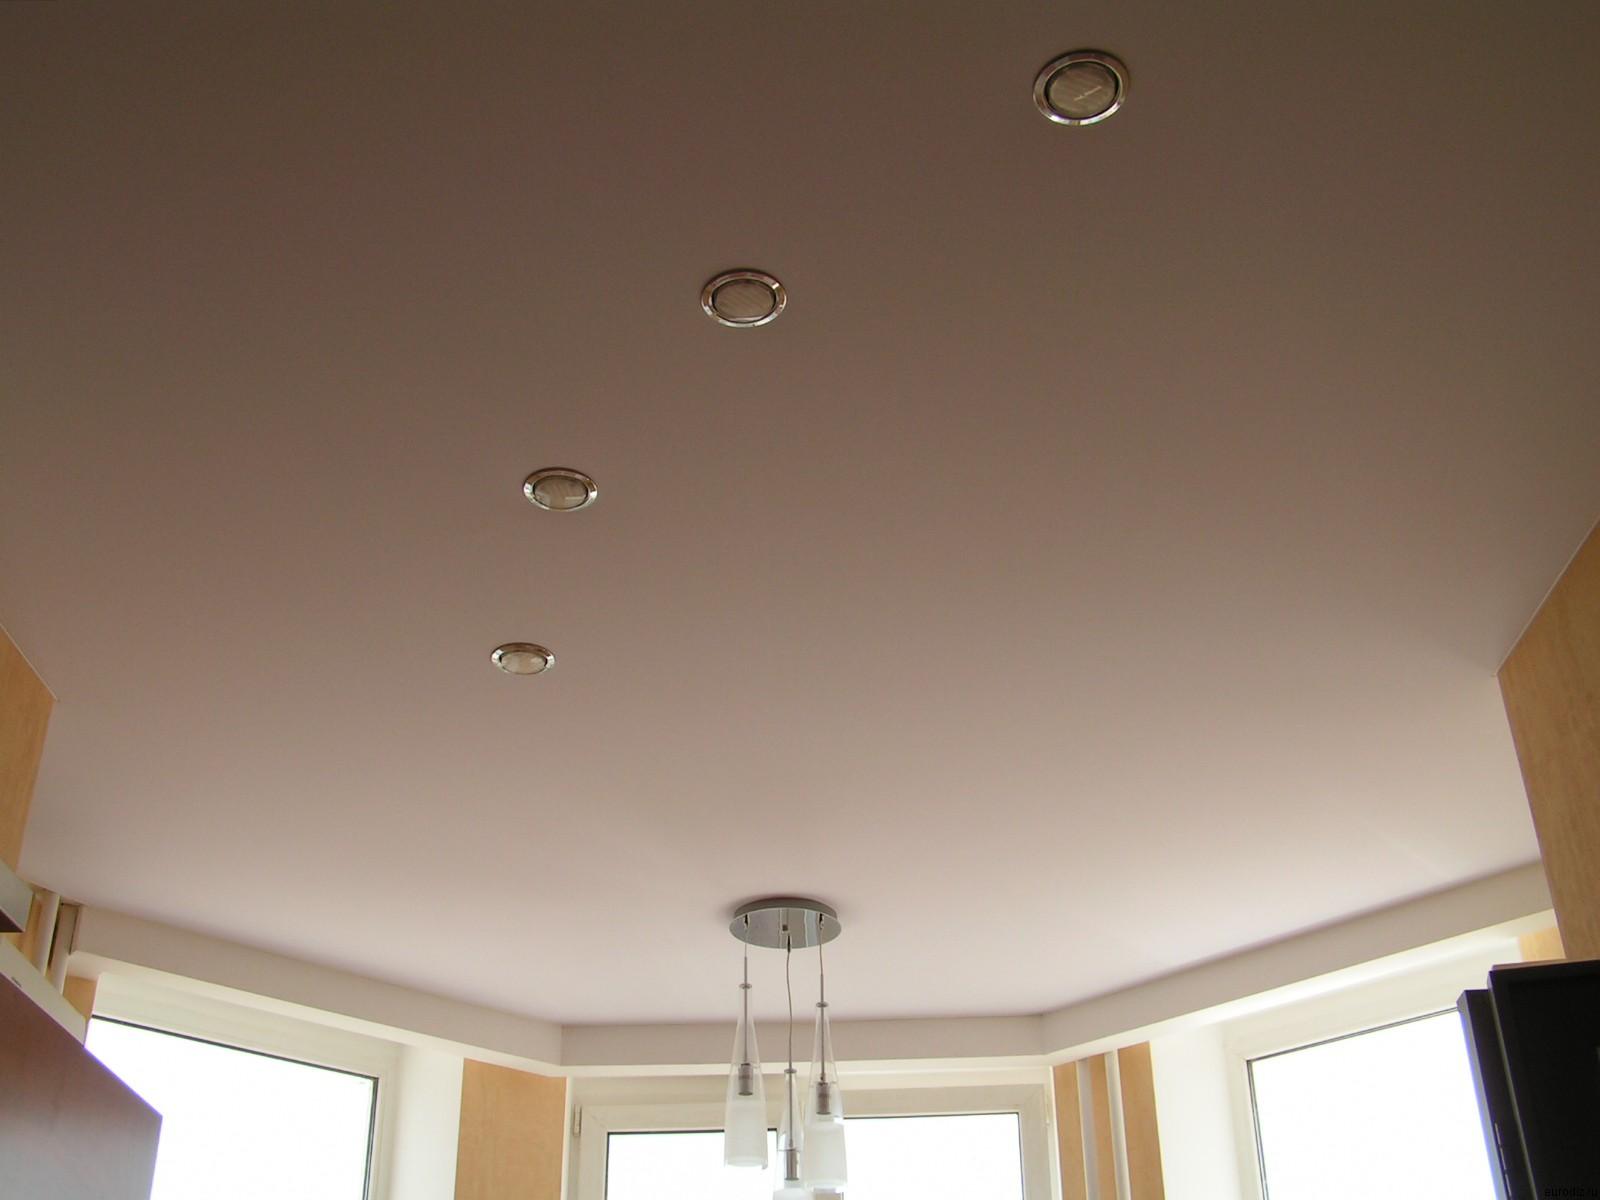 Тканевый натяжной потолок выдерживает высокие перепады температуры